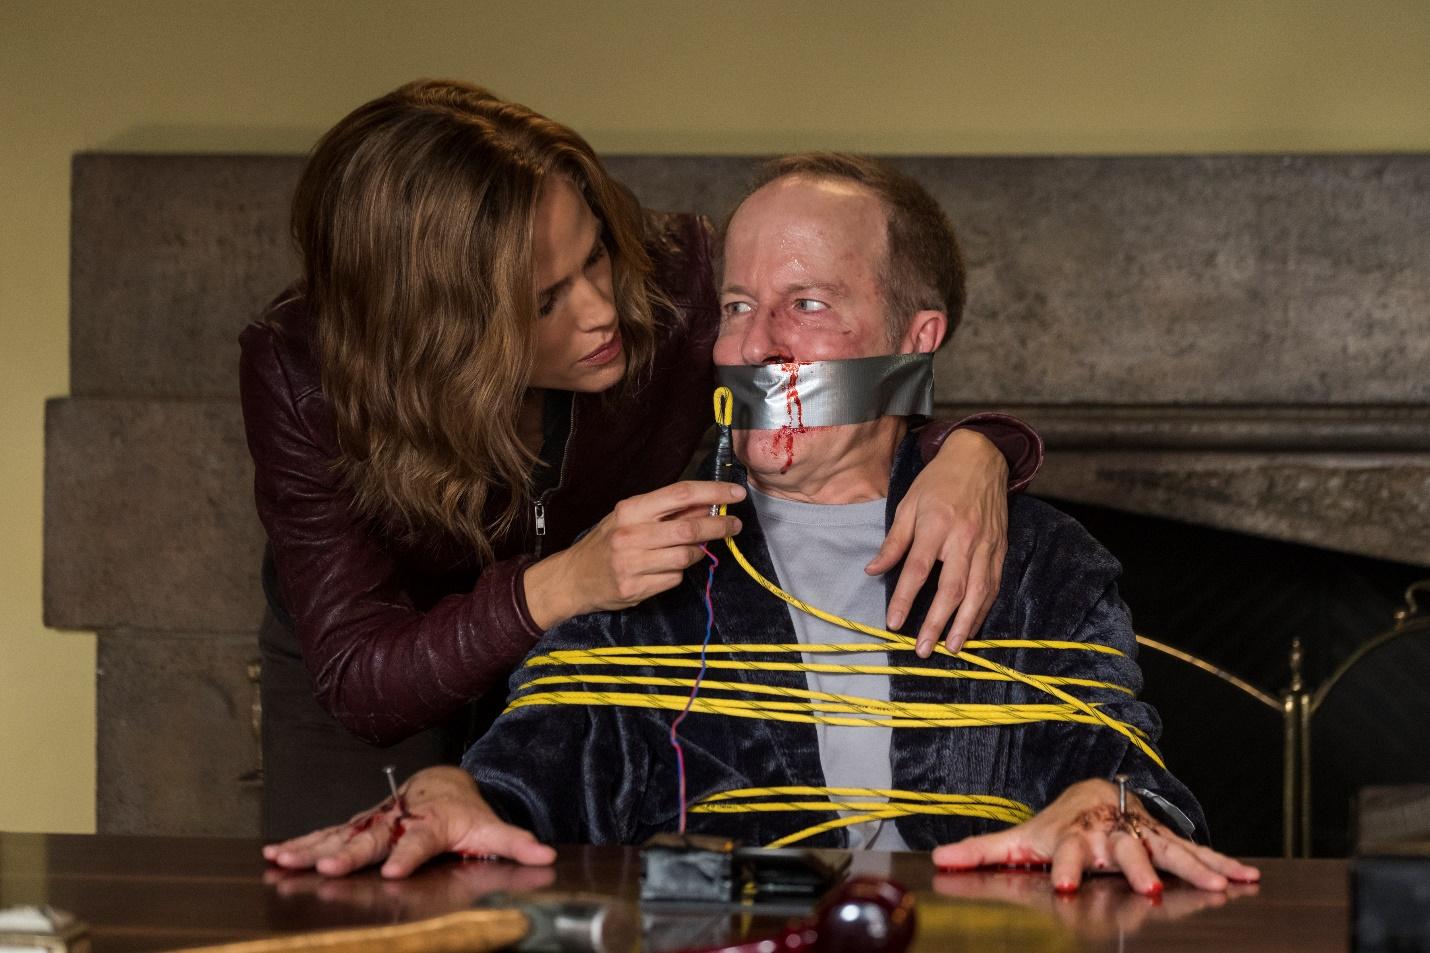 Peppermint – Màn tái xuất đậm chất hành động đầy ấn tượng của Jennifer Garner - Ảnh 2.